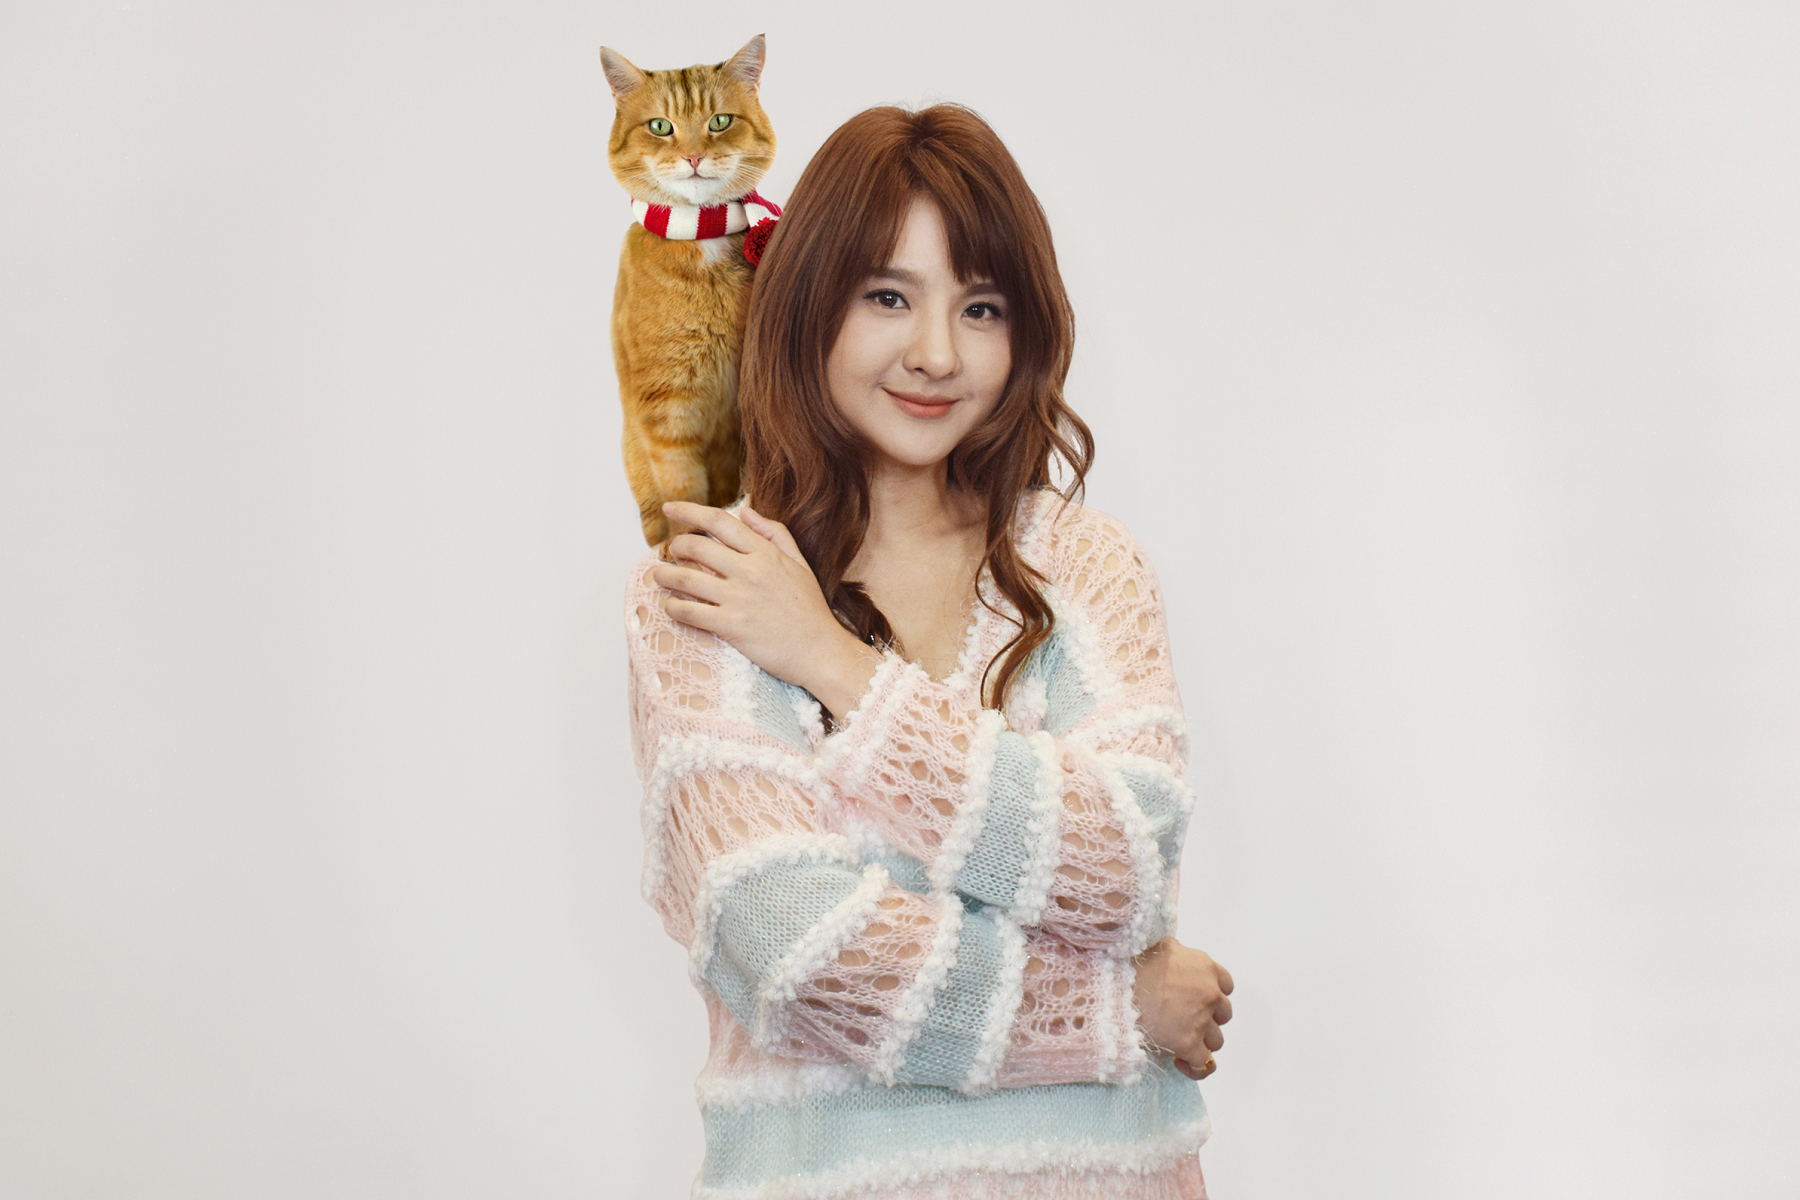 郭靜熱淚推薦《再見街貓BOB》  詮釋流浪貓孤獨心境溫暖獻唱宣傳曲〈流浪貓小虎〉